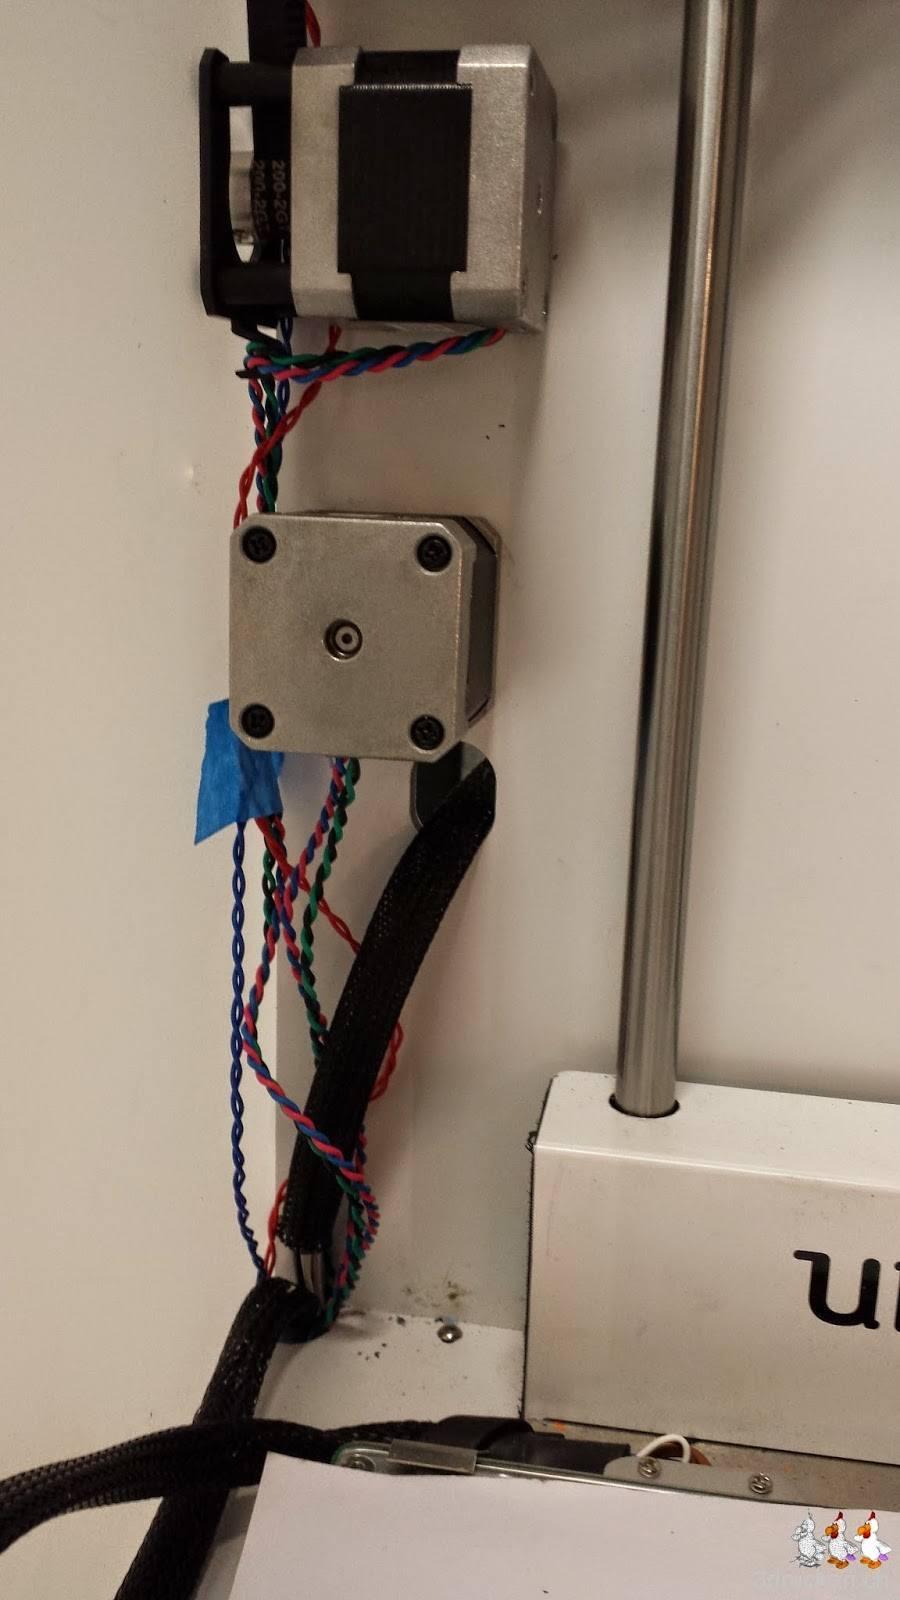 Foto des erneut montierten Feeder-Motors nach dem Festkleben der Kabel am Ultimaker 2